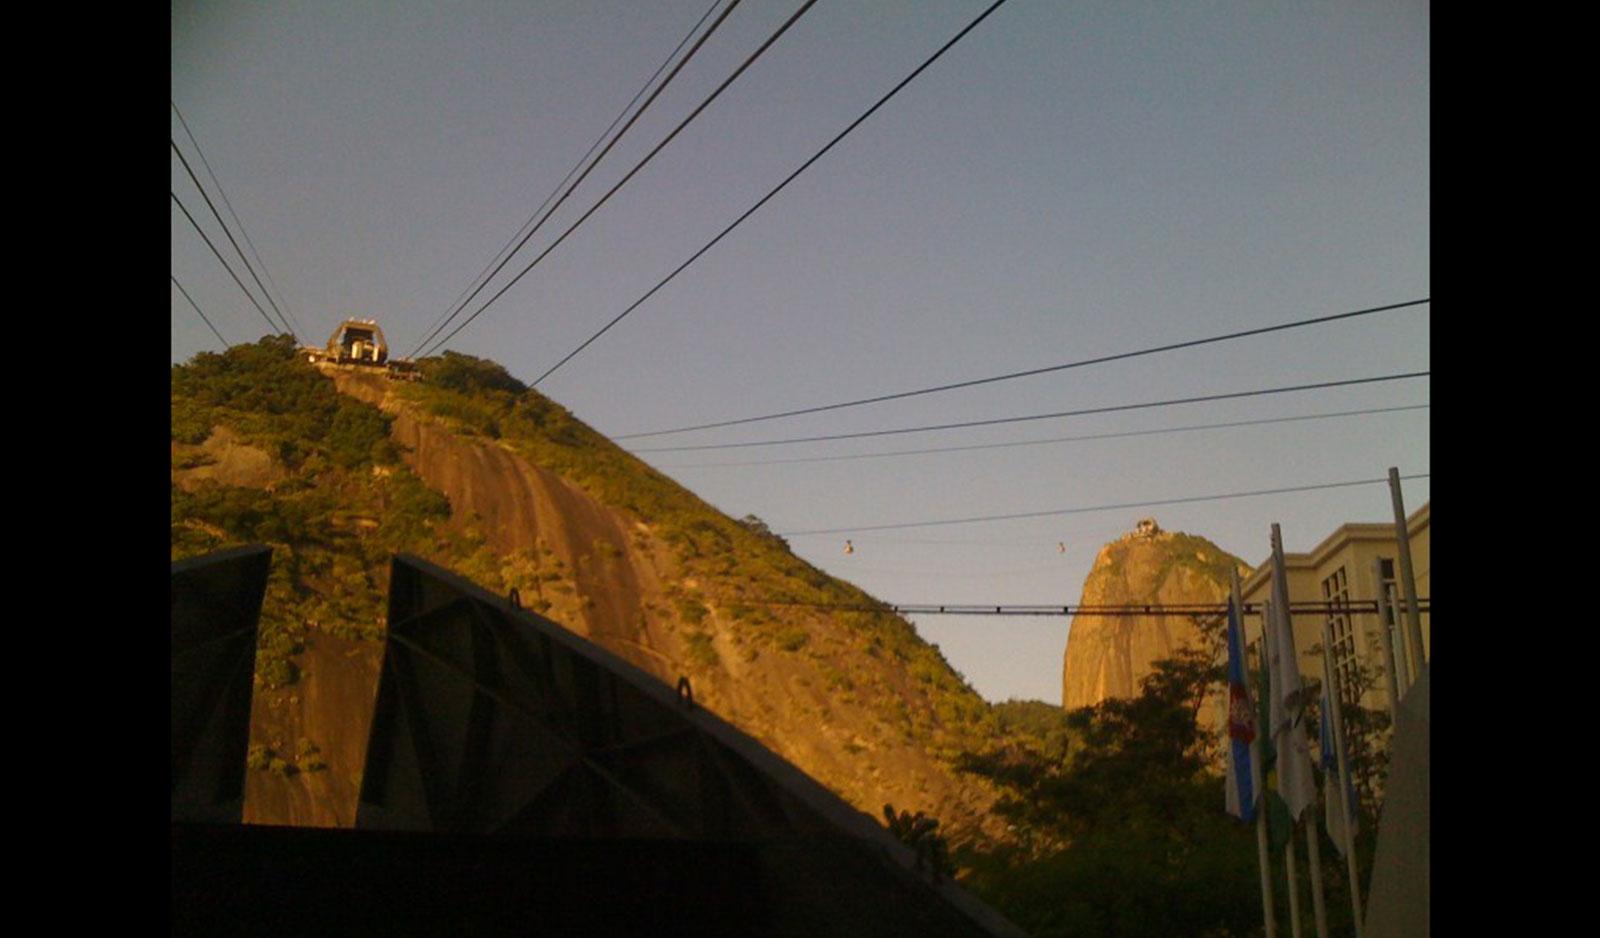 IMG_0401galerie_brazilia_tableta